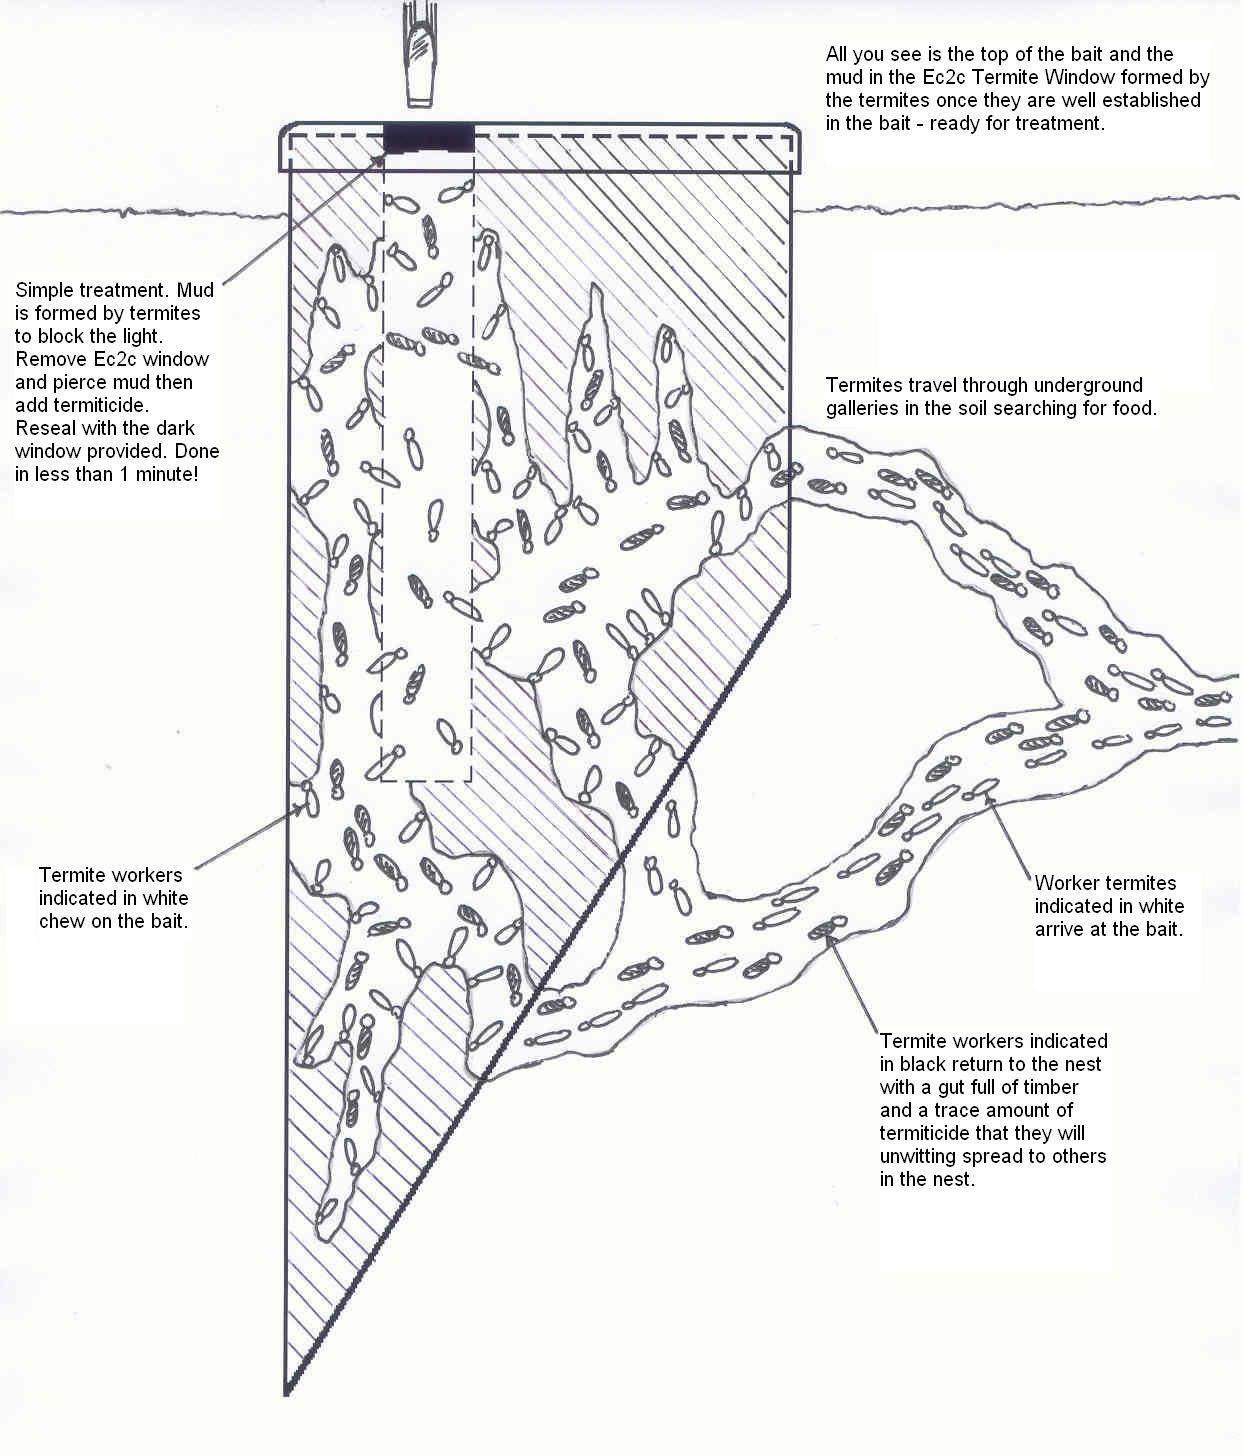 Bait with termites1